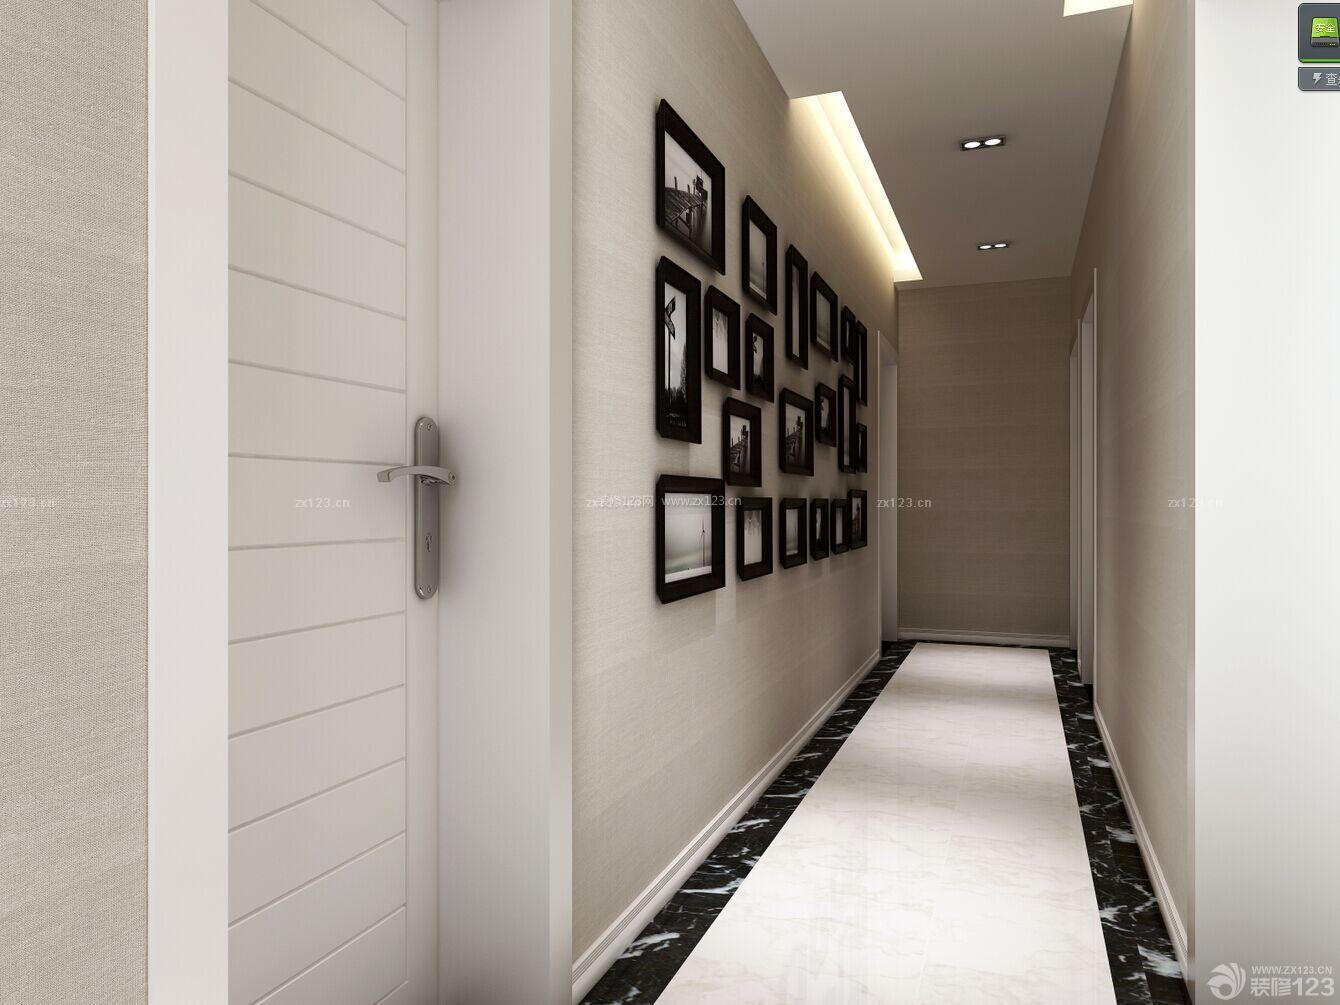 走廊玄关创意照片墙设计图图片